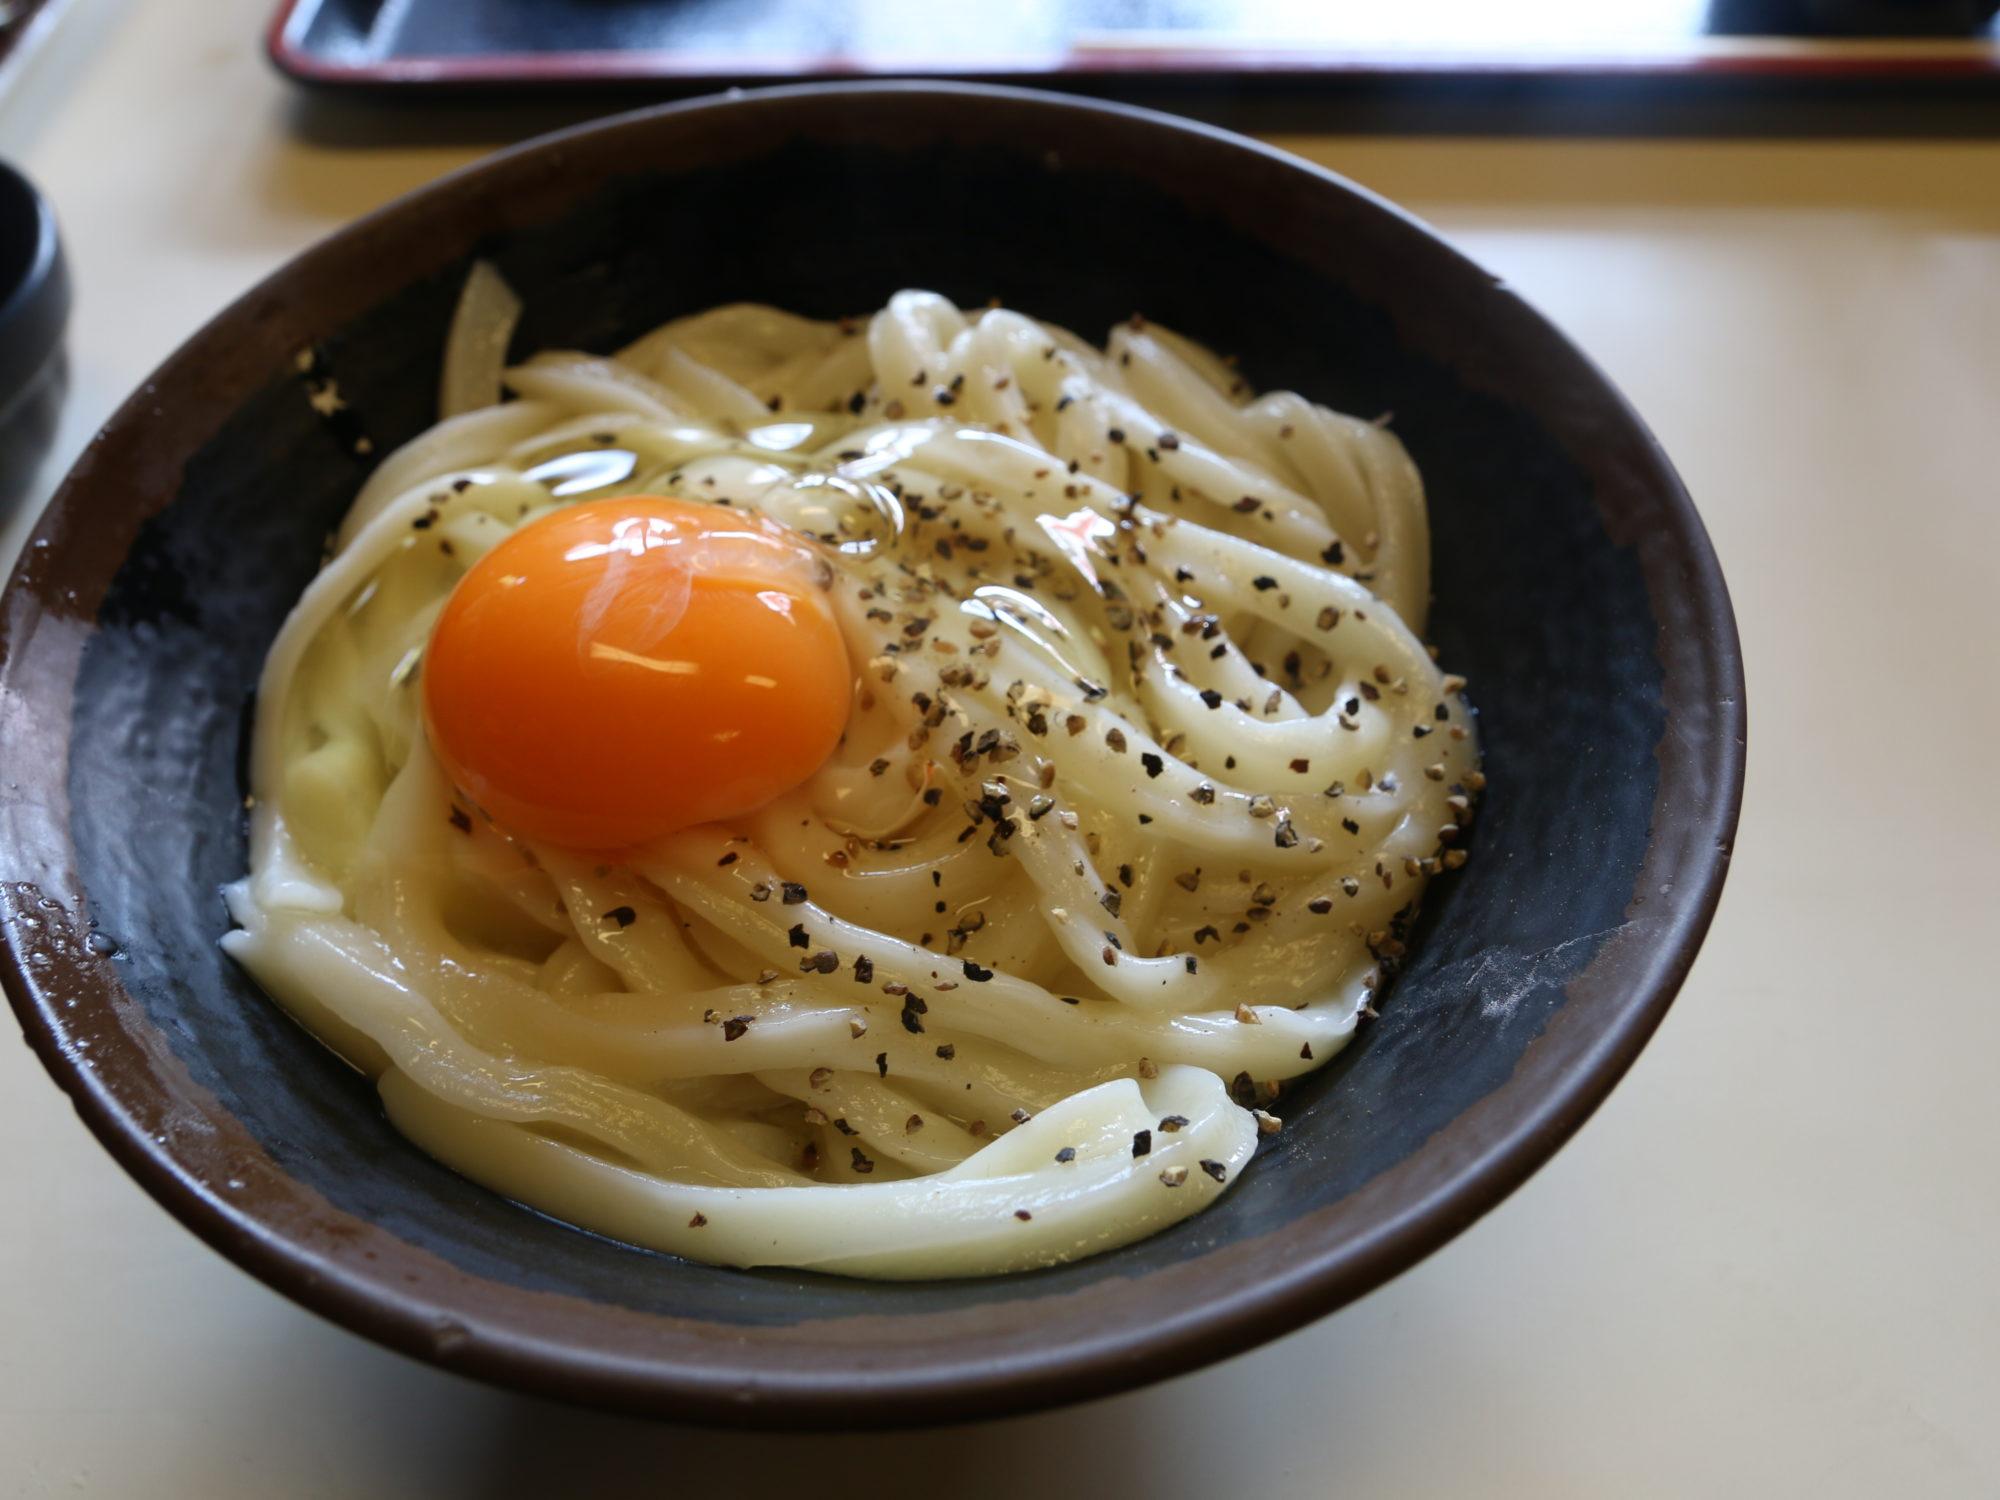 """日曜の朝9時に香川・高松にある、『手打ち十段うどんバカ一代』でカルボナーラのような""""釜バターうどん""""をいただく"""